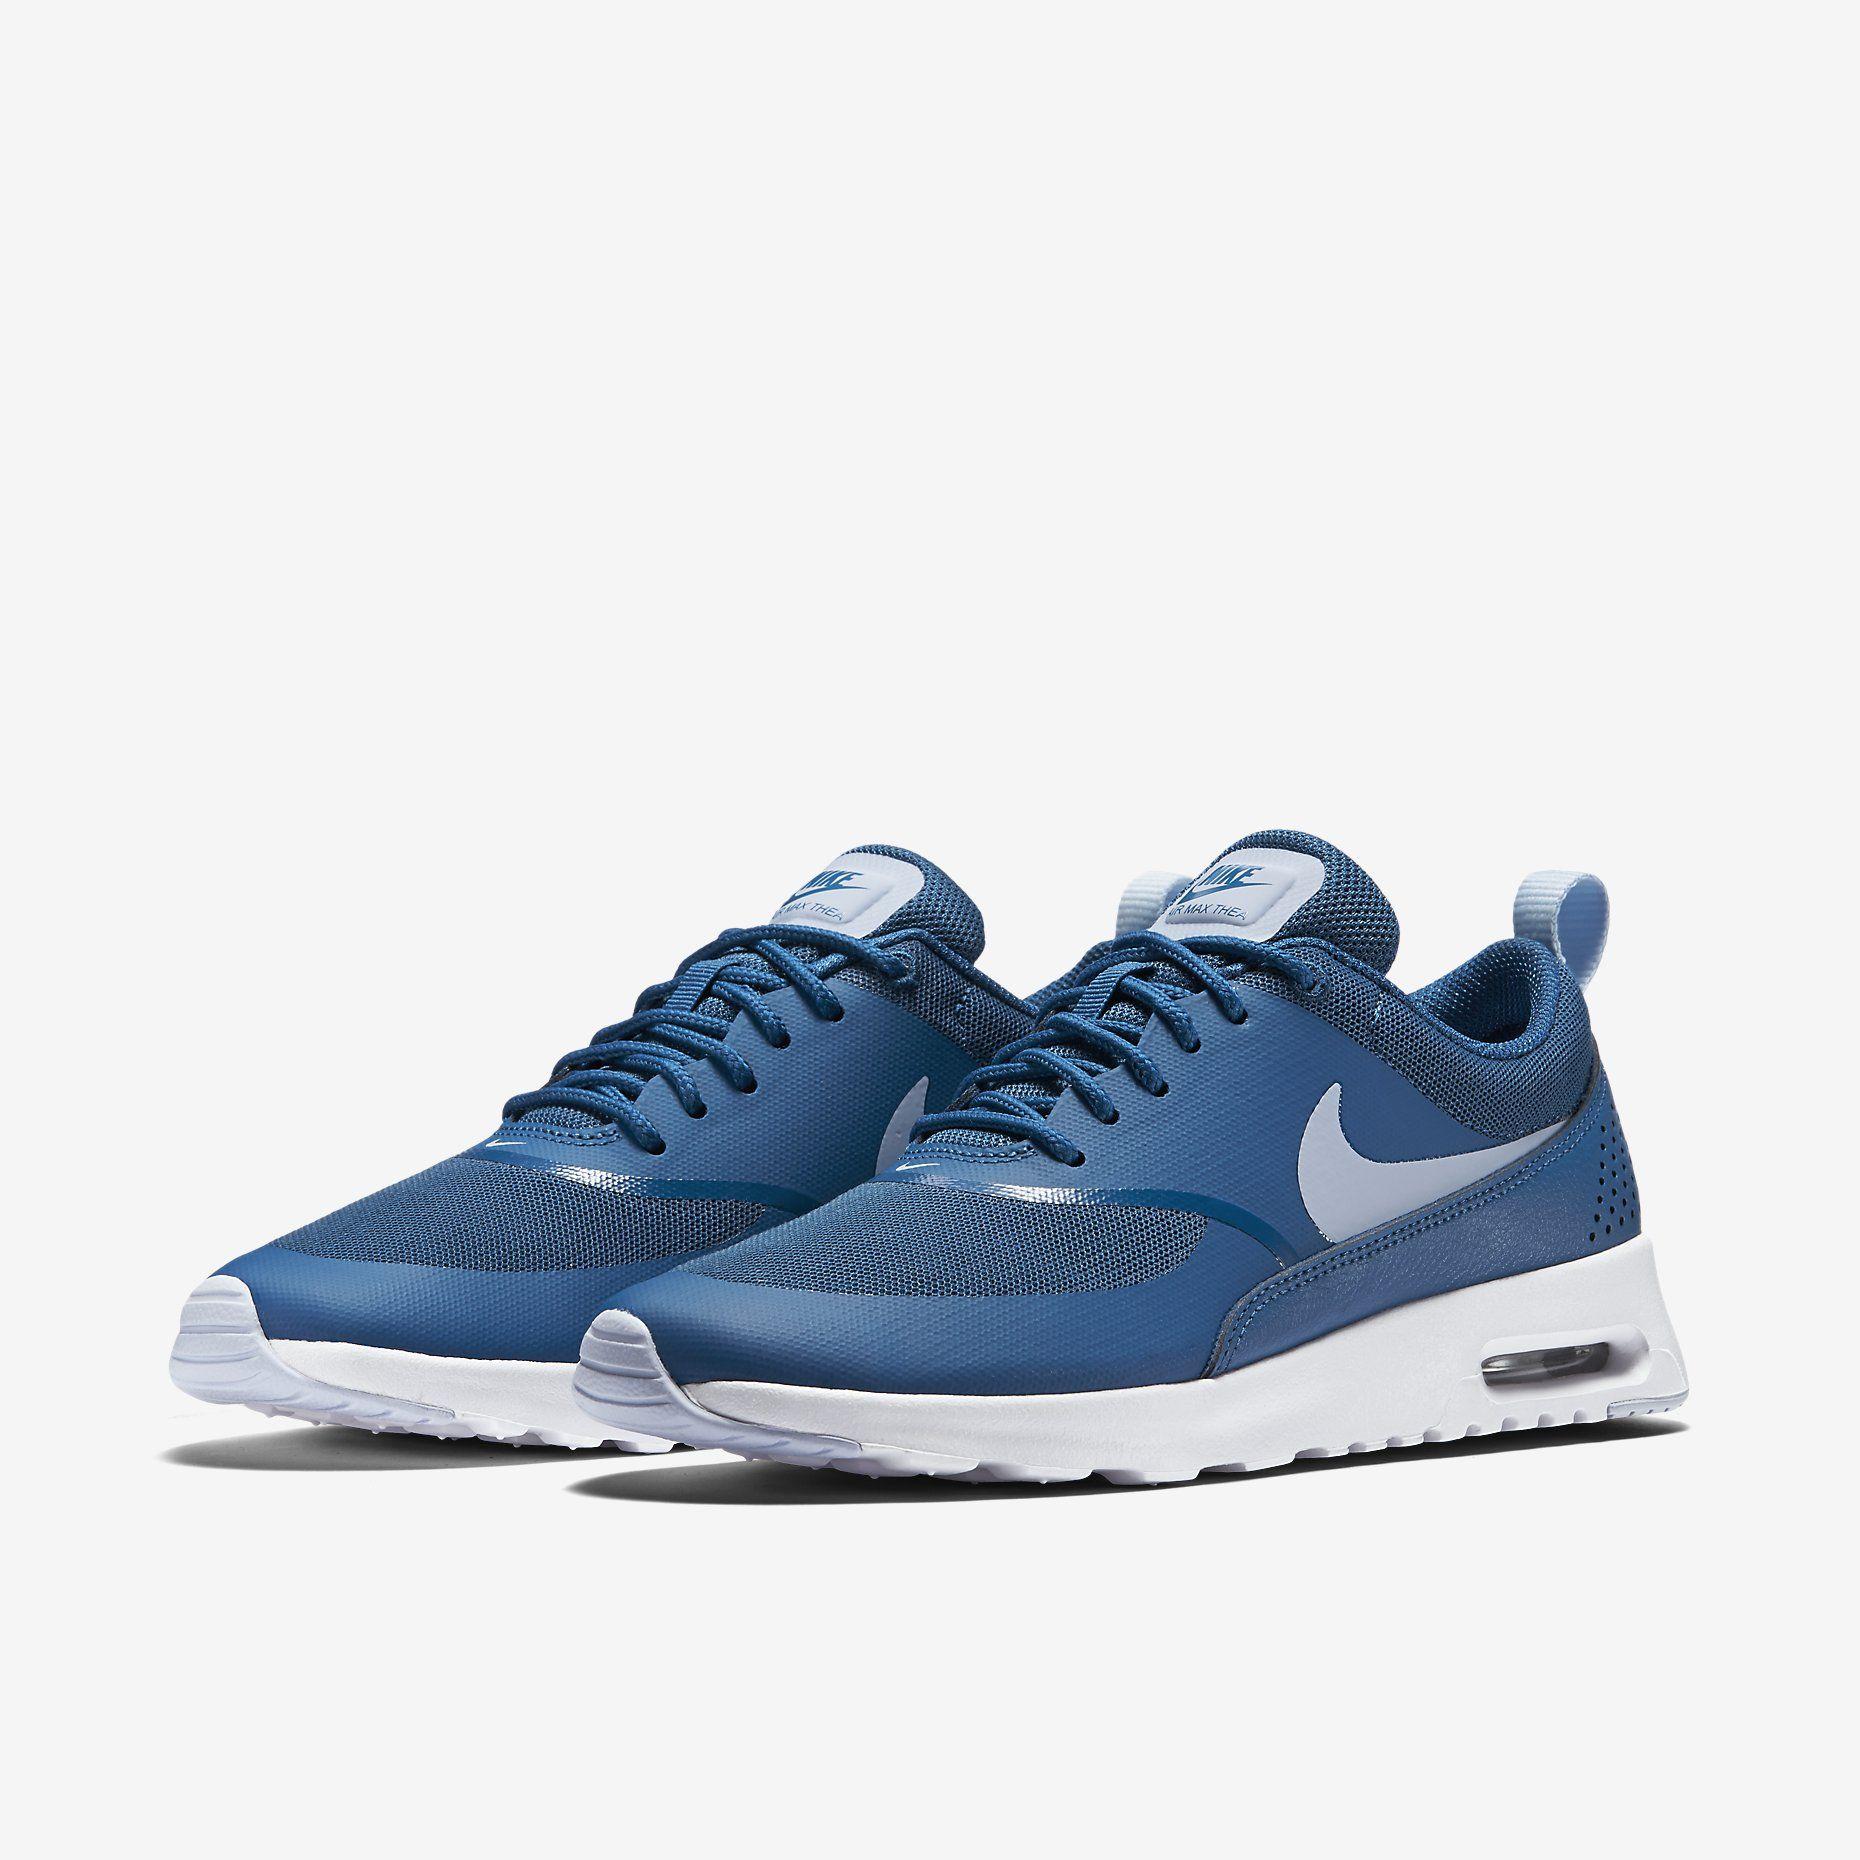 Kup Buty Odziez I Sprzet Firmy Nike Na Stronie Www Nike Com Air Max Sneakers Nike Nike Air Max